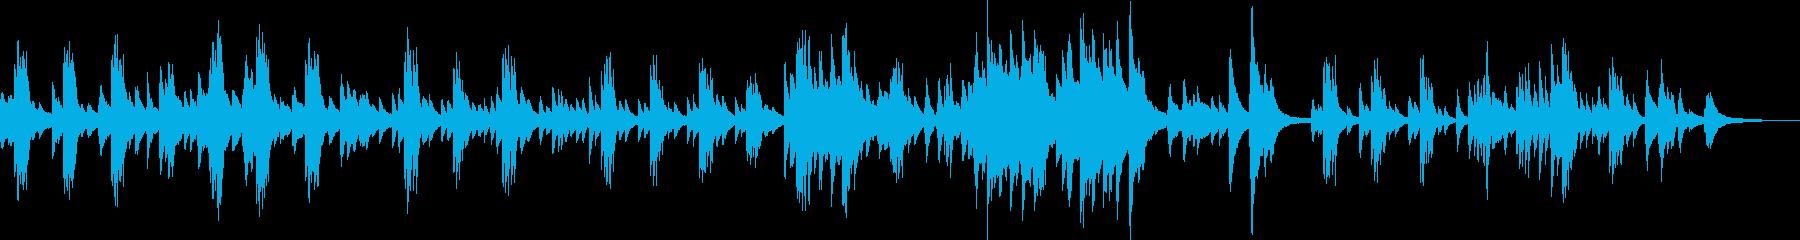 悲しくてかっこいいピアノソロ曲の再生済みの波形